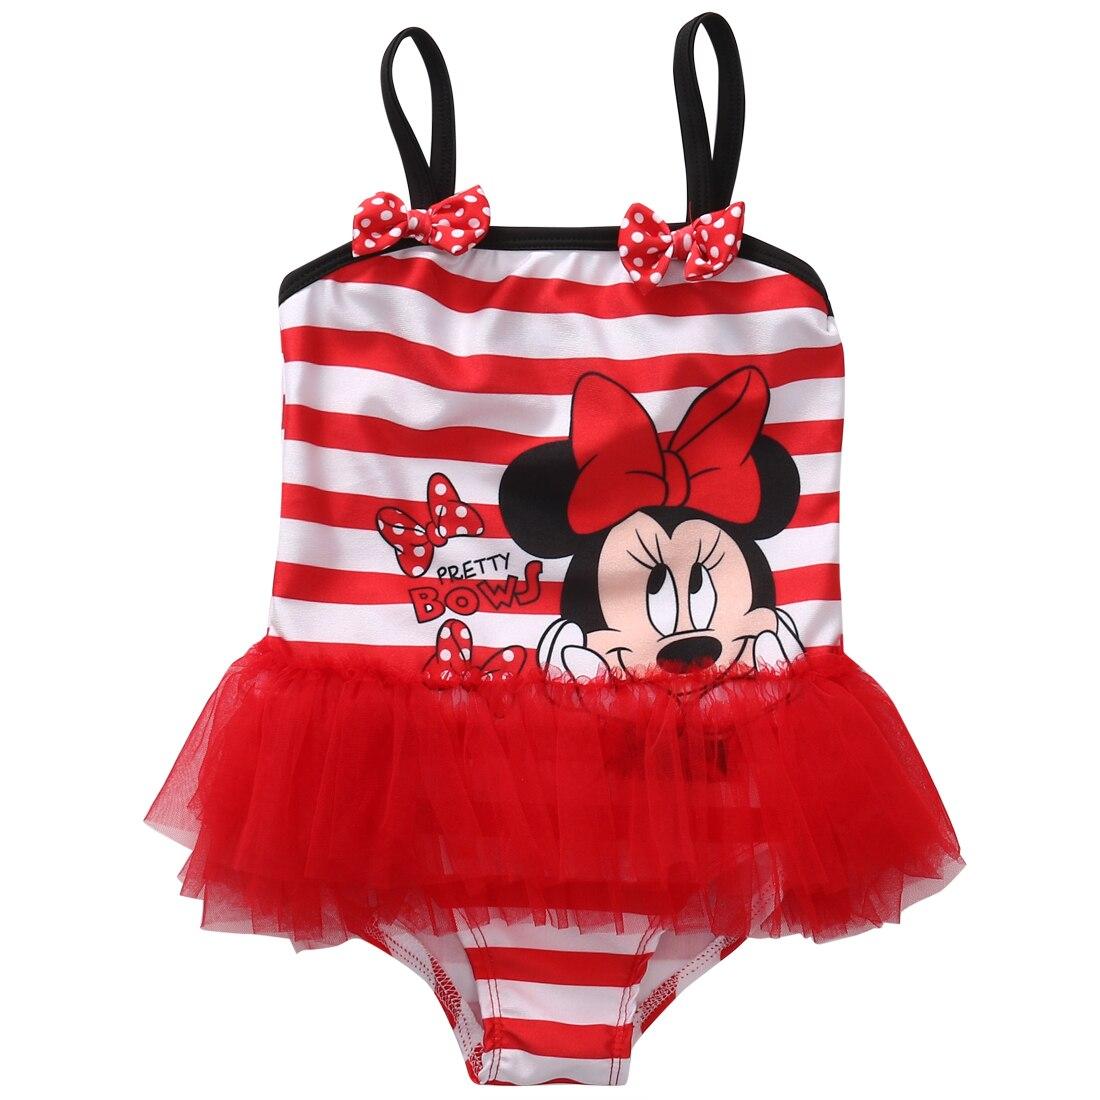 ITFABS Toddler Kids Swimming Costumes Baby Girls Tankini Bikini Swimwear Beach Monokini Swimsuit Bathing Suit Beachwear